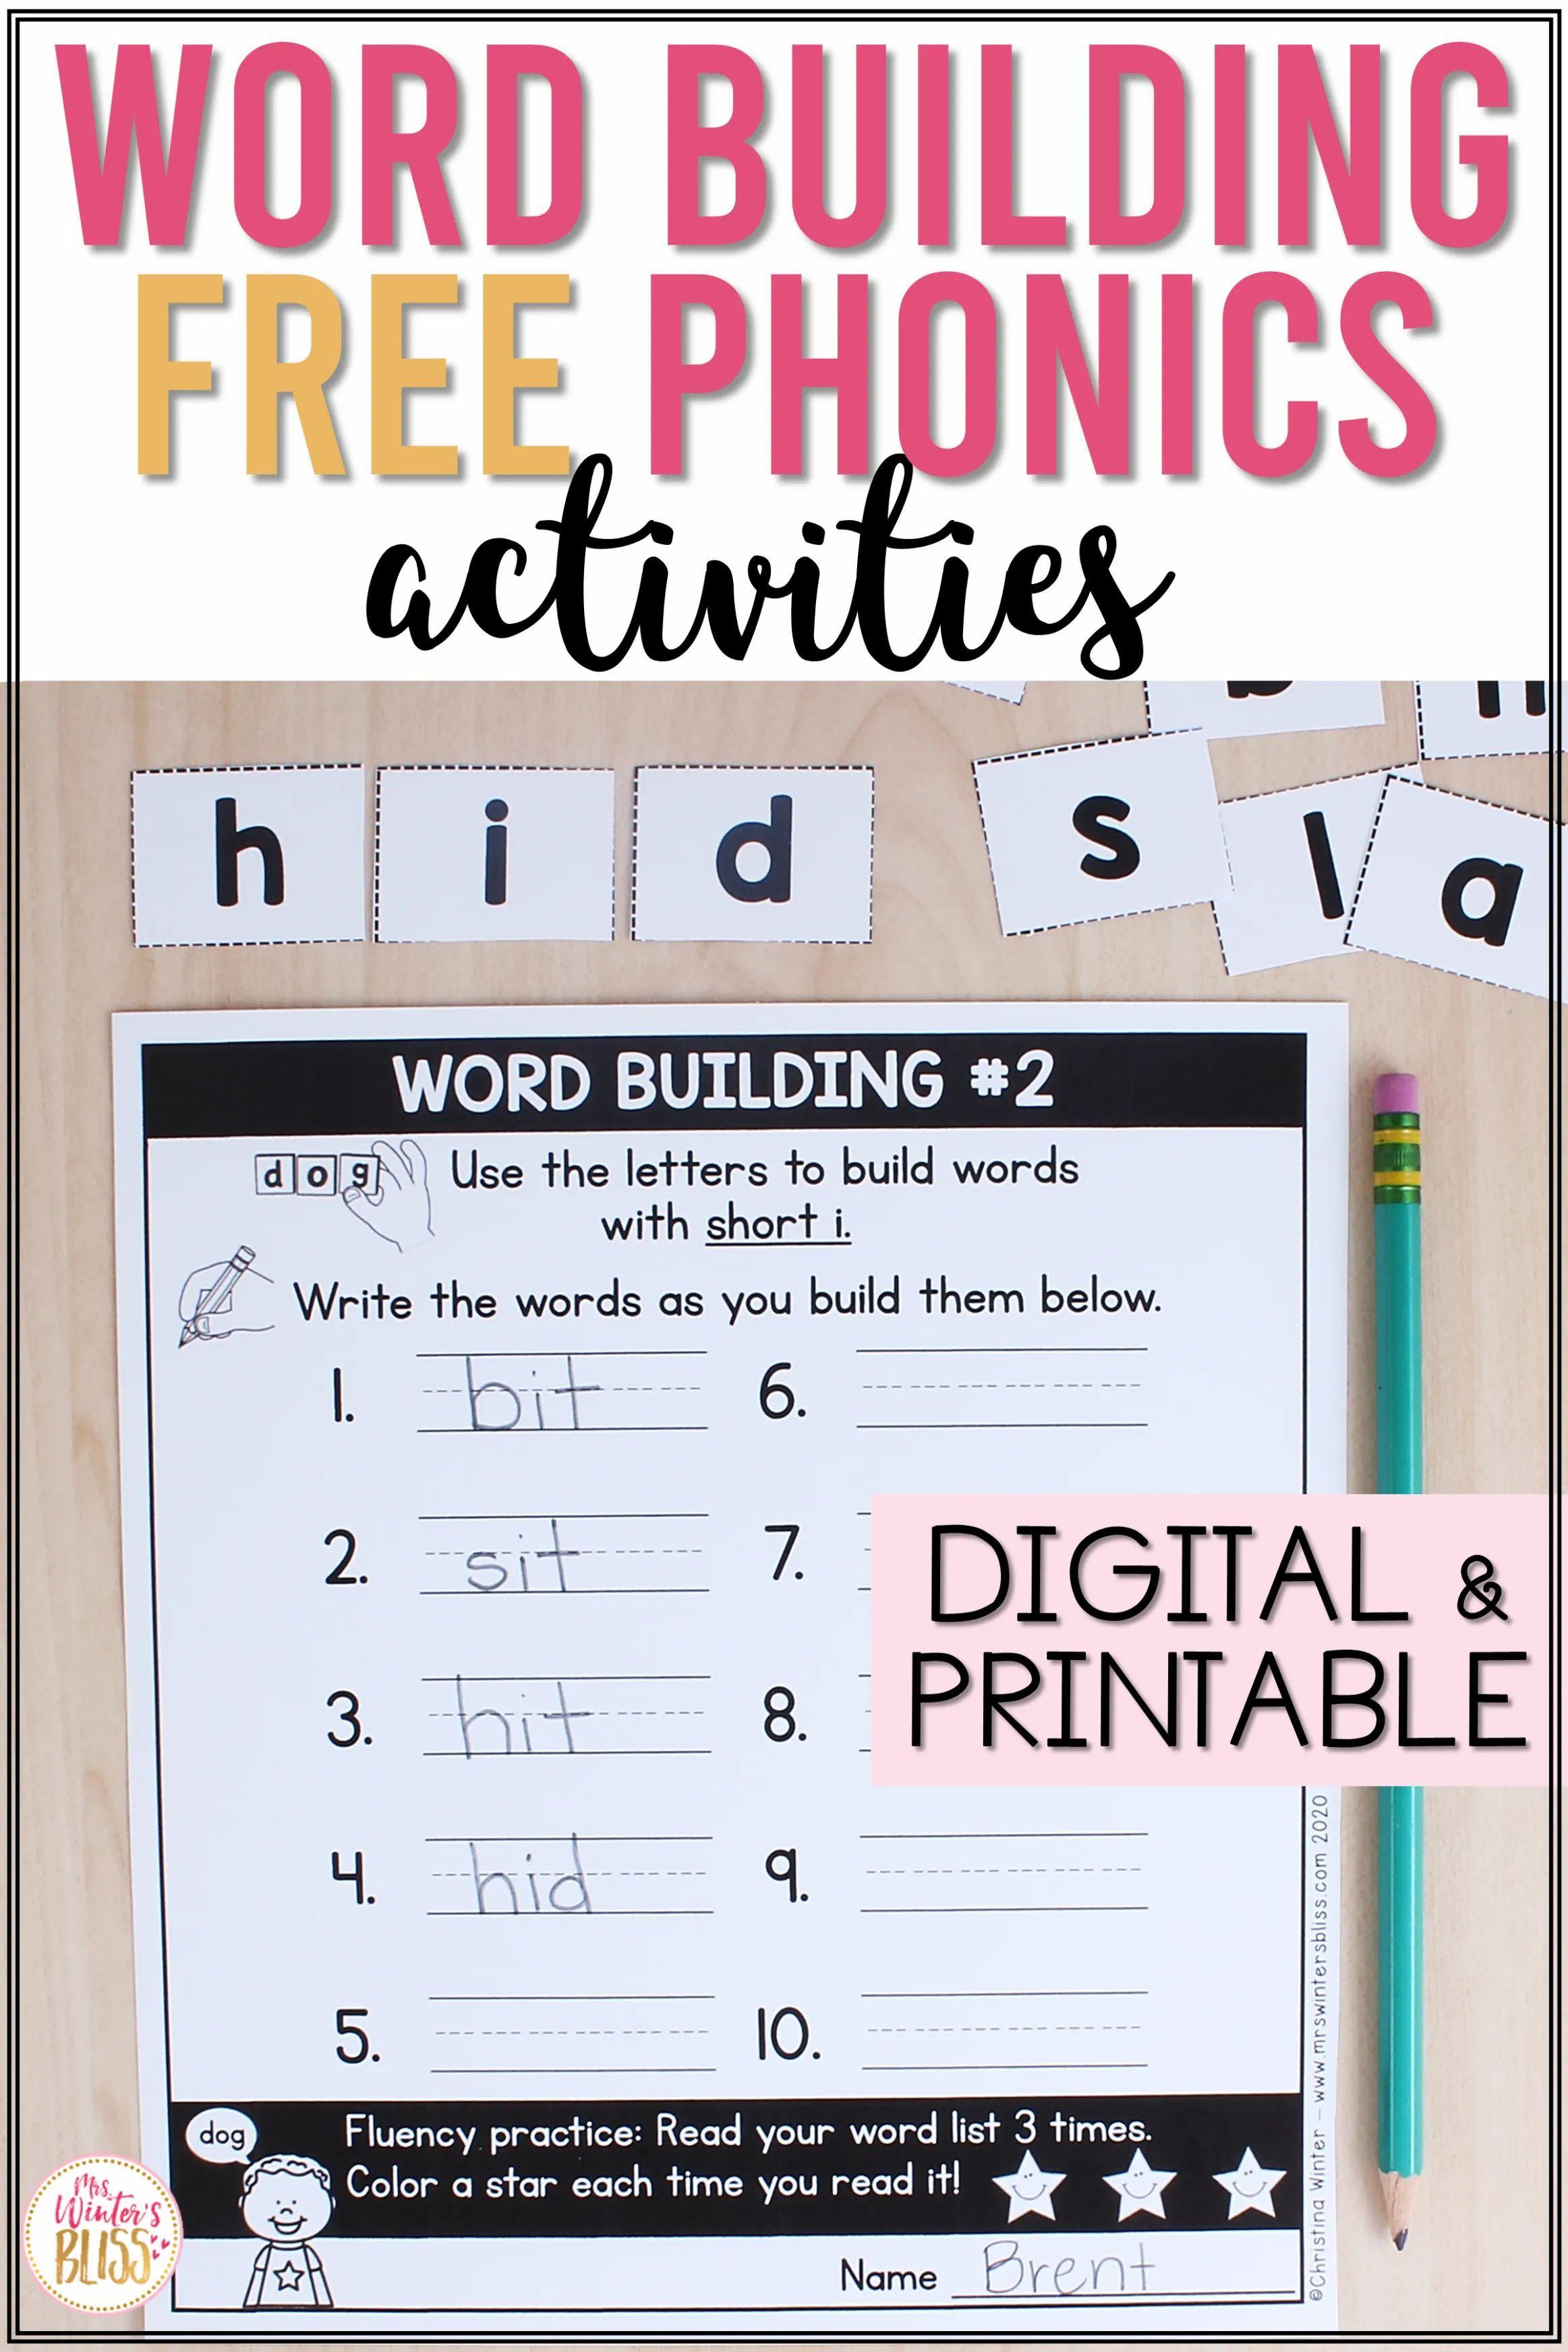 Free Download Phonics Activities Phonics Word Building Activities [ 3487 x 2325 Pixel ]